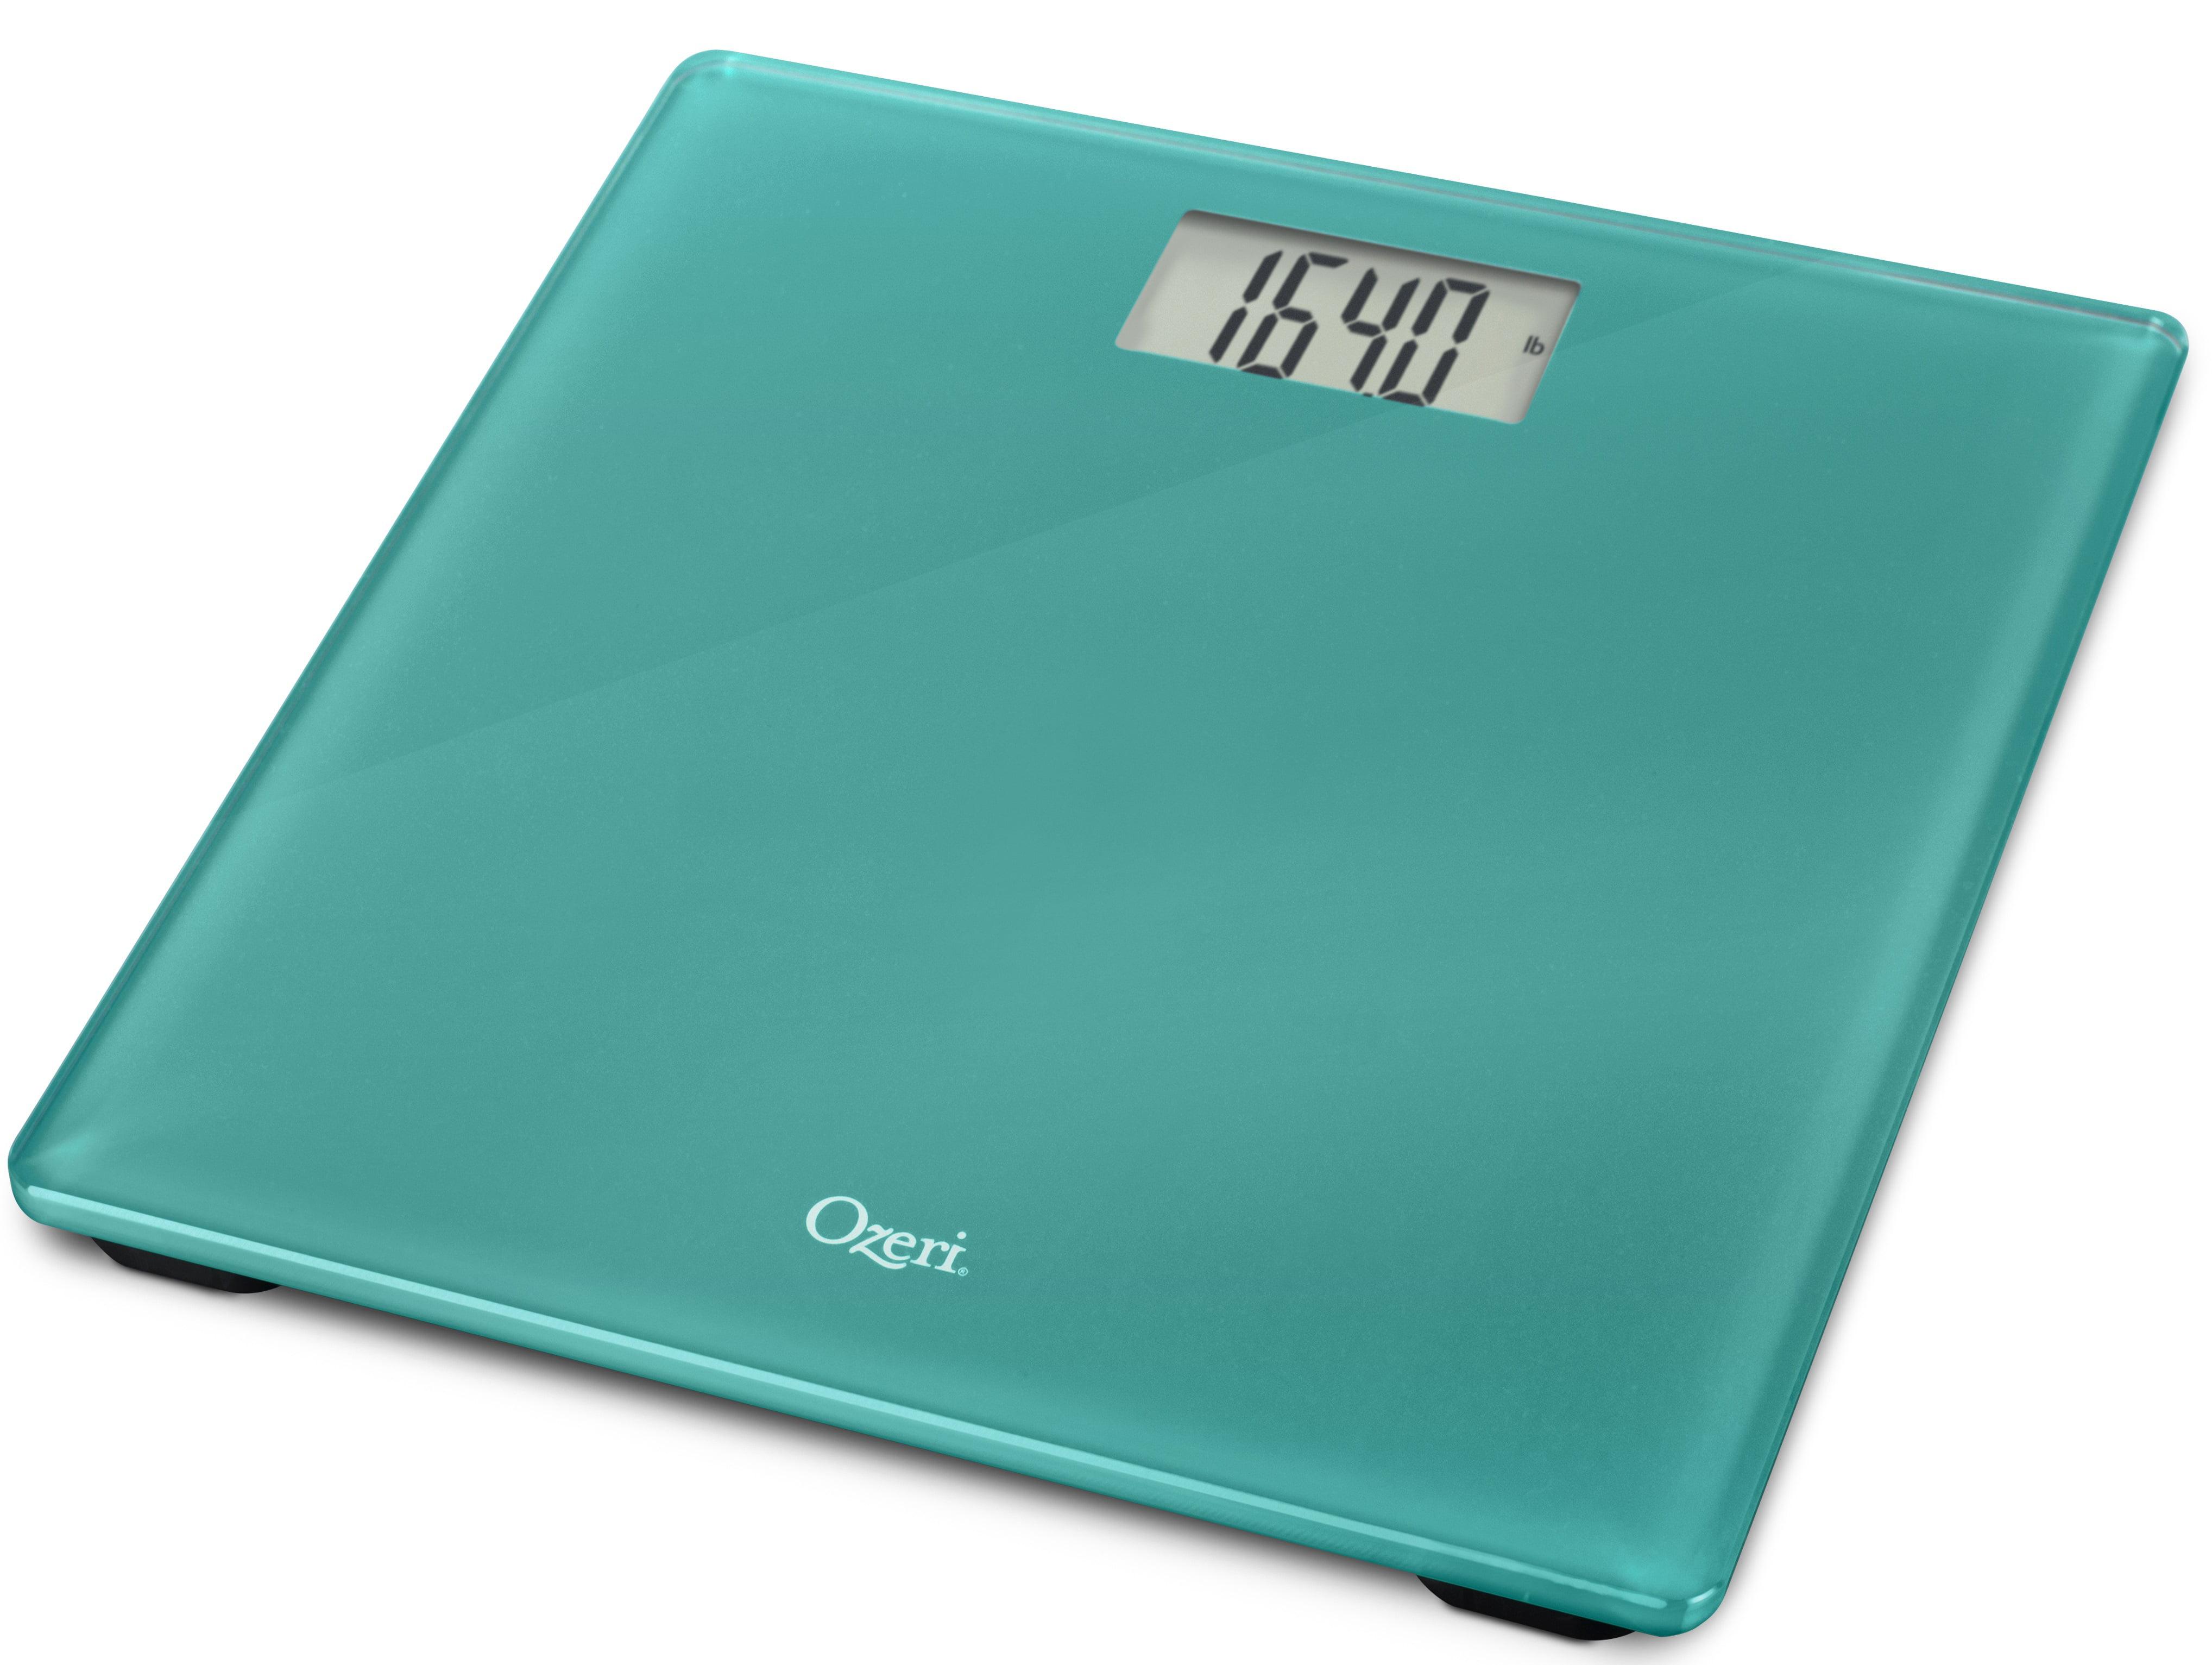 Ozeri Precision Digital Bath Scale (400 lbs Edition), in Tempered ...